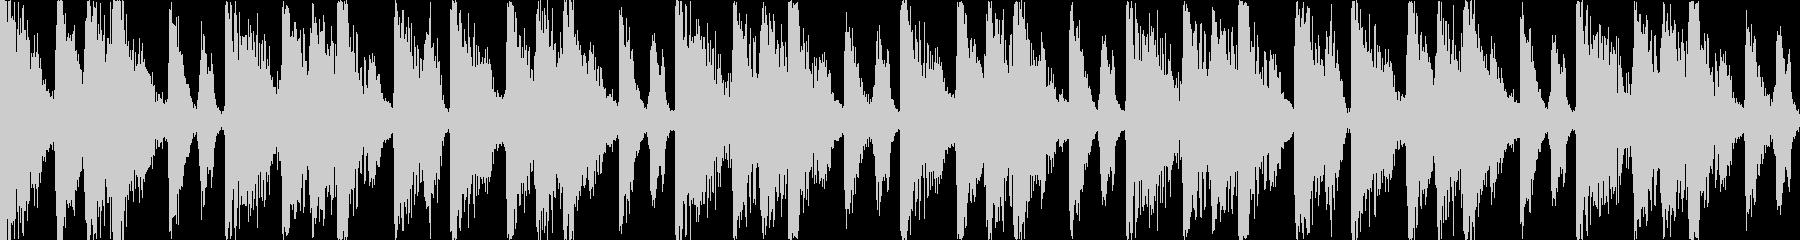 【ループB】ファンキーなブレイクビーツの未再生の波形